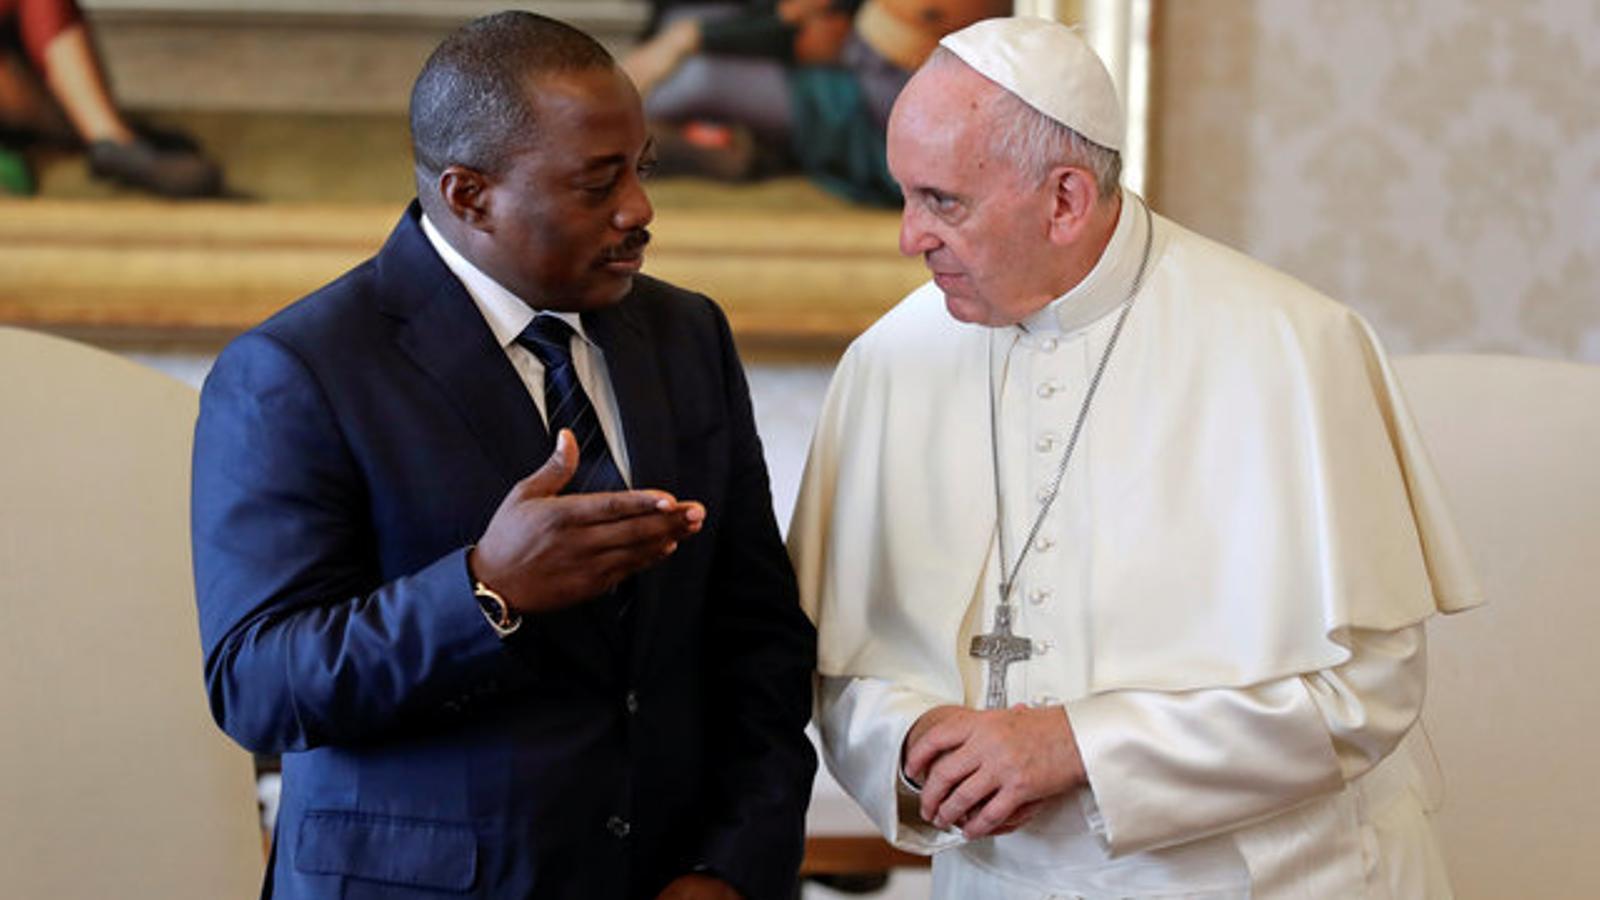 El president congolès, Joseph Kabila, denunciat per abusos democràtics, xerra amb el papa Francesc que l'ha rebut aquest dilluns al Vaticà. / ANDREW MEDICHINI / REUTERS